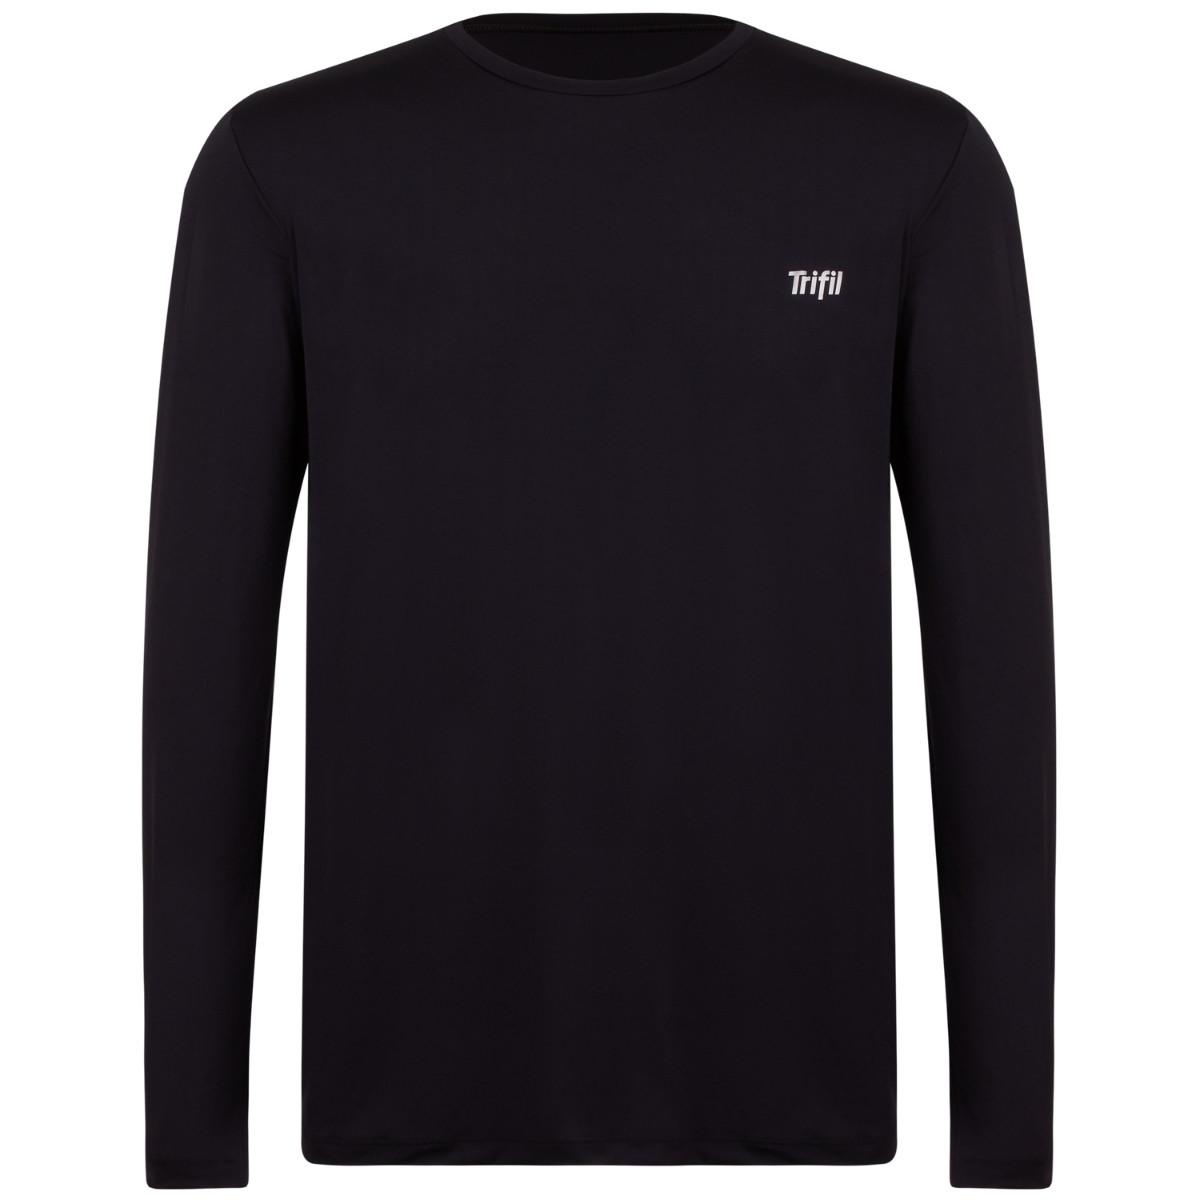 Camiseta juvenil para meninos com proteção UV trifil